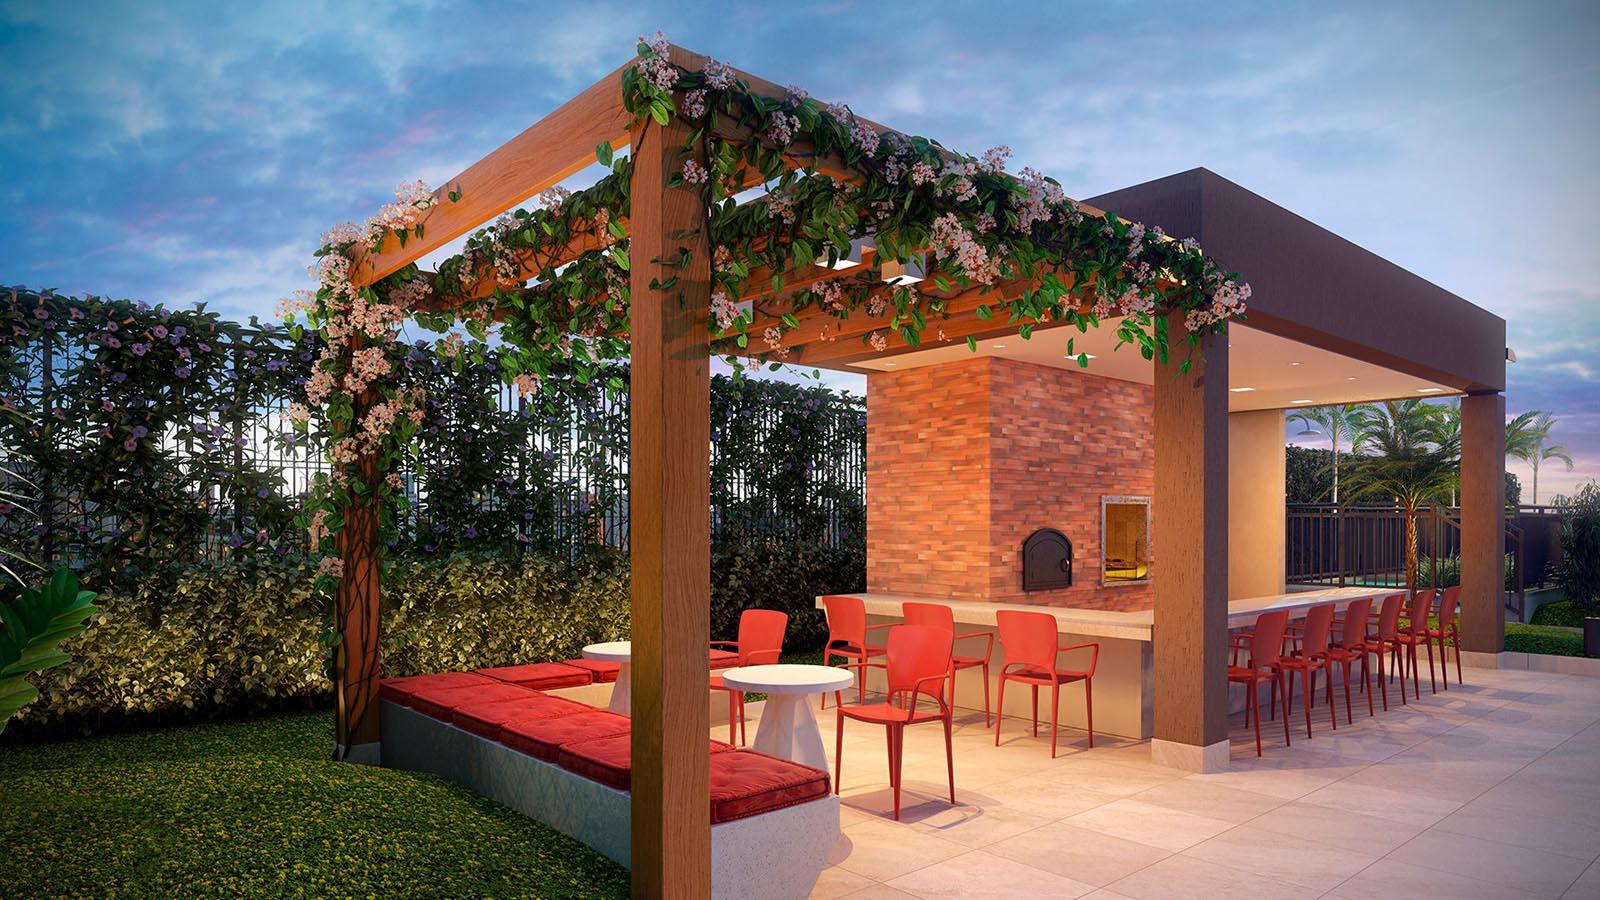 Perspectiva ilustrada do Garden Gourmet com Churrasqueira e Forno para Pizza.